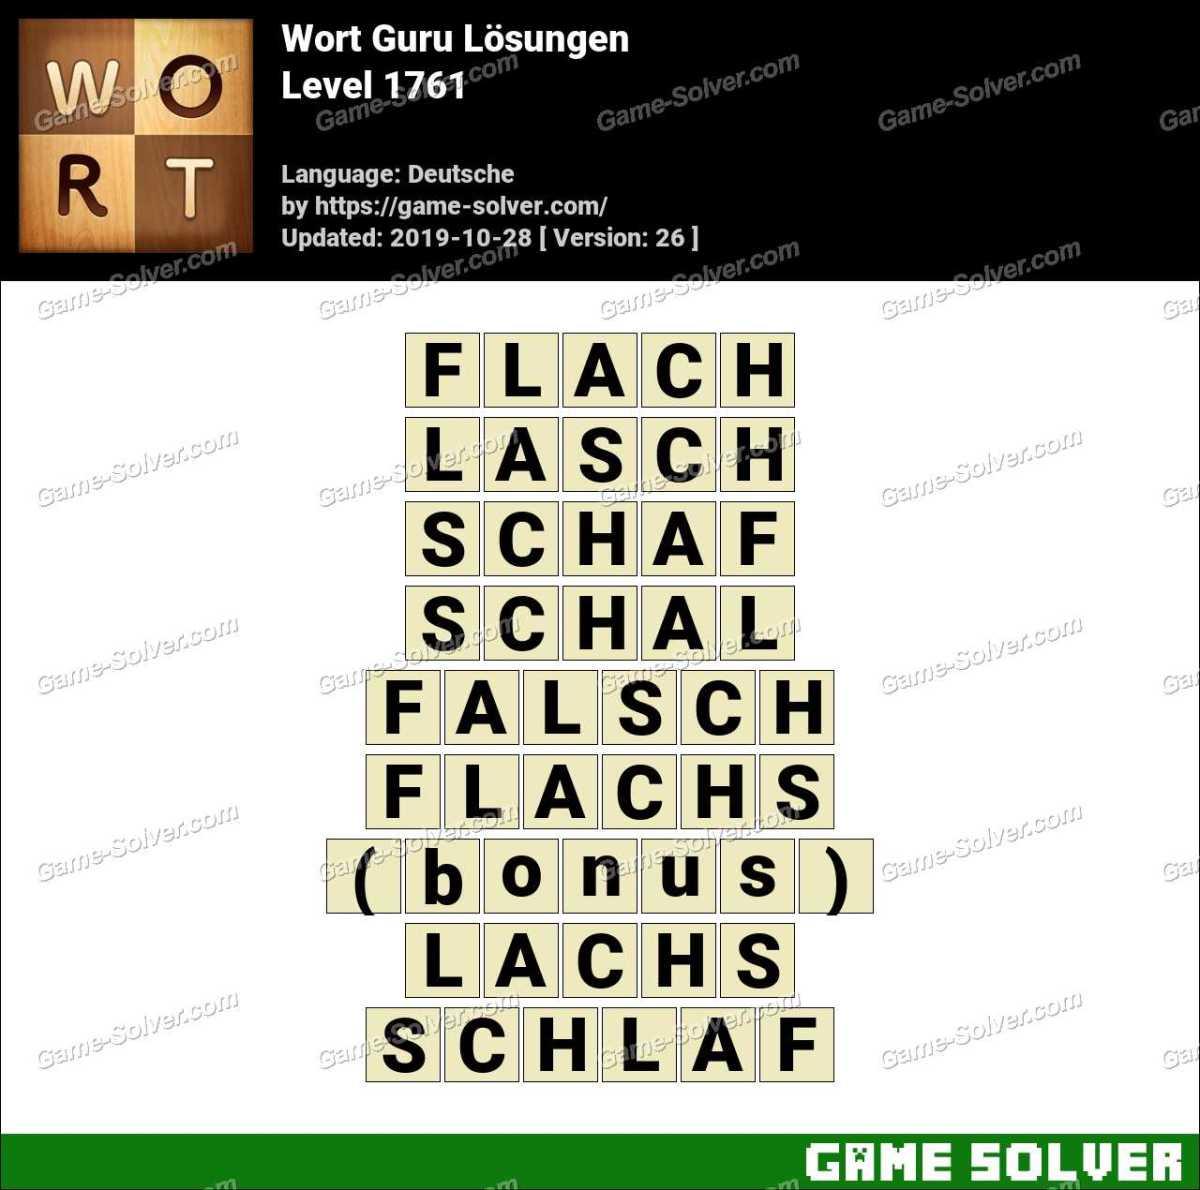 Wort Guru Level 1761 Lösungen